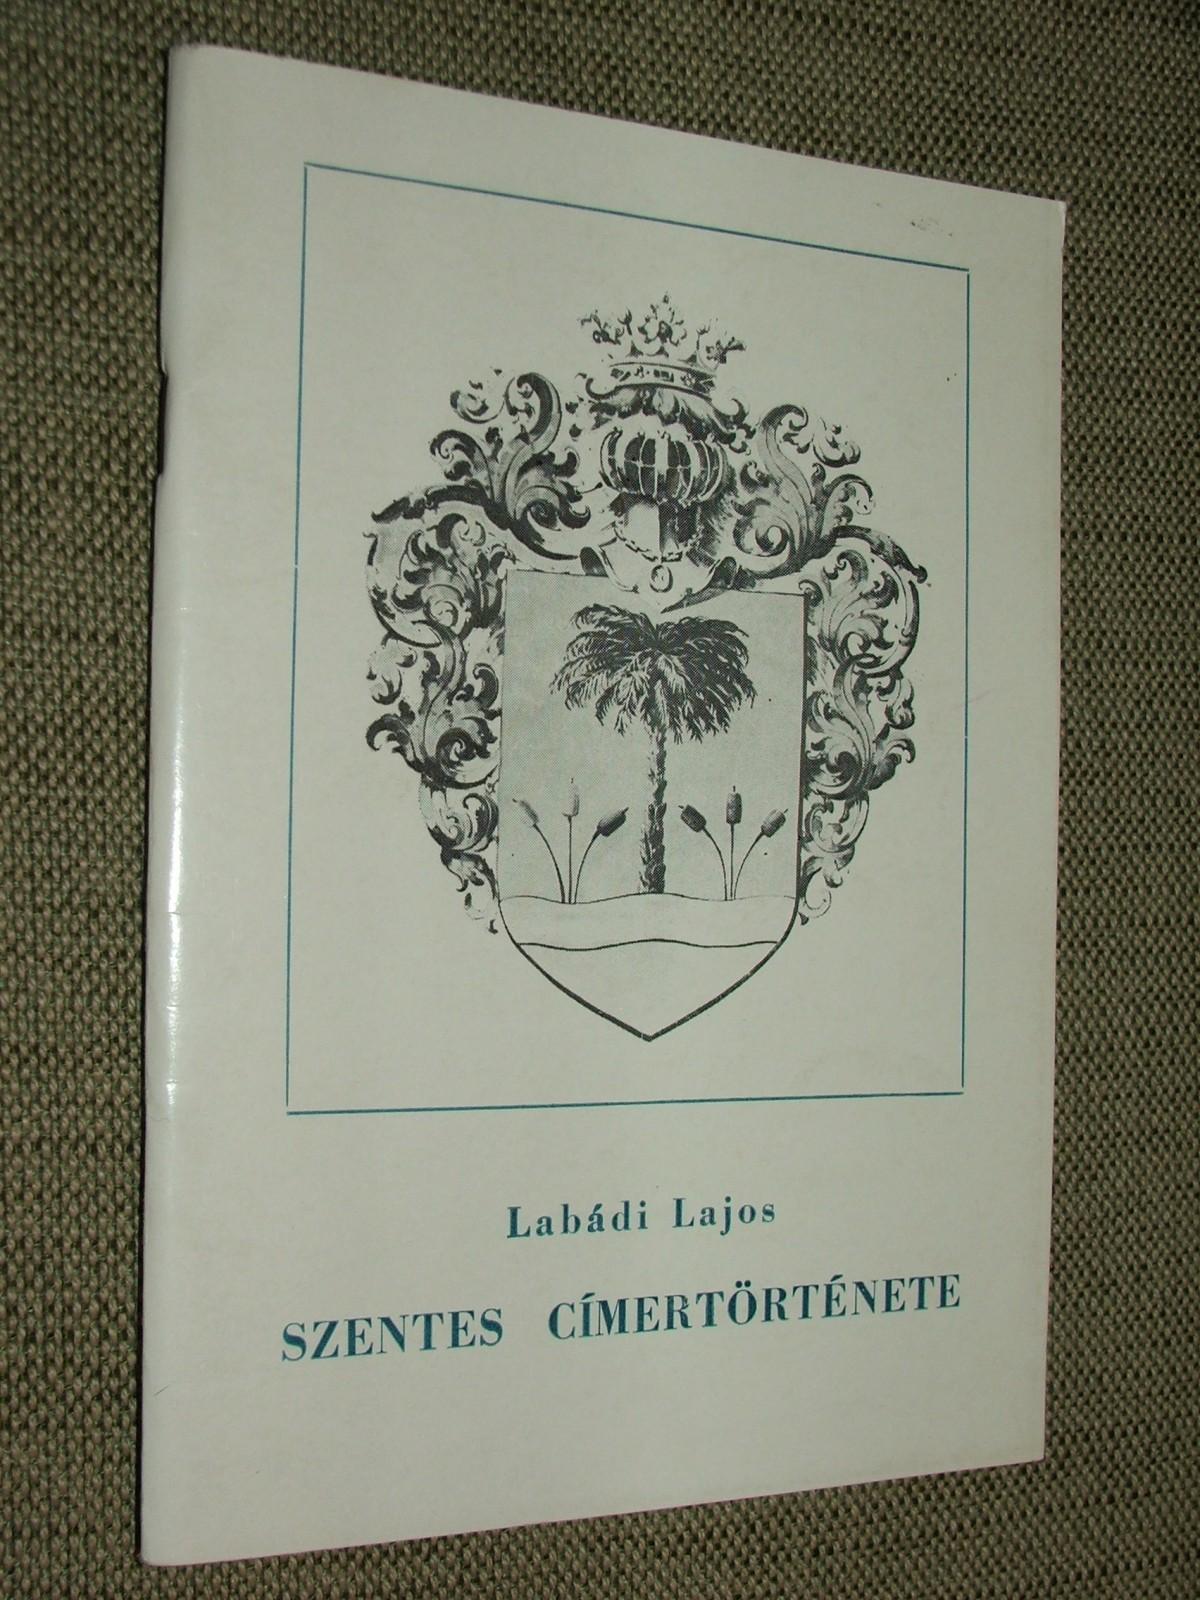 LABÁDI Lajos: Szentes címertörténete